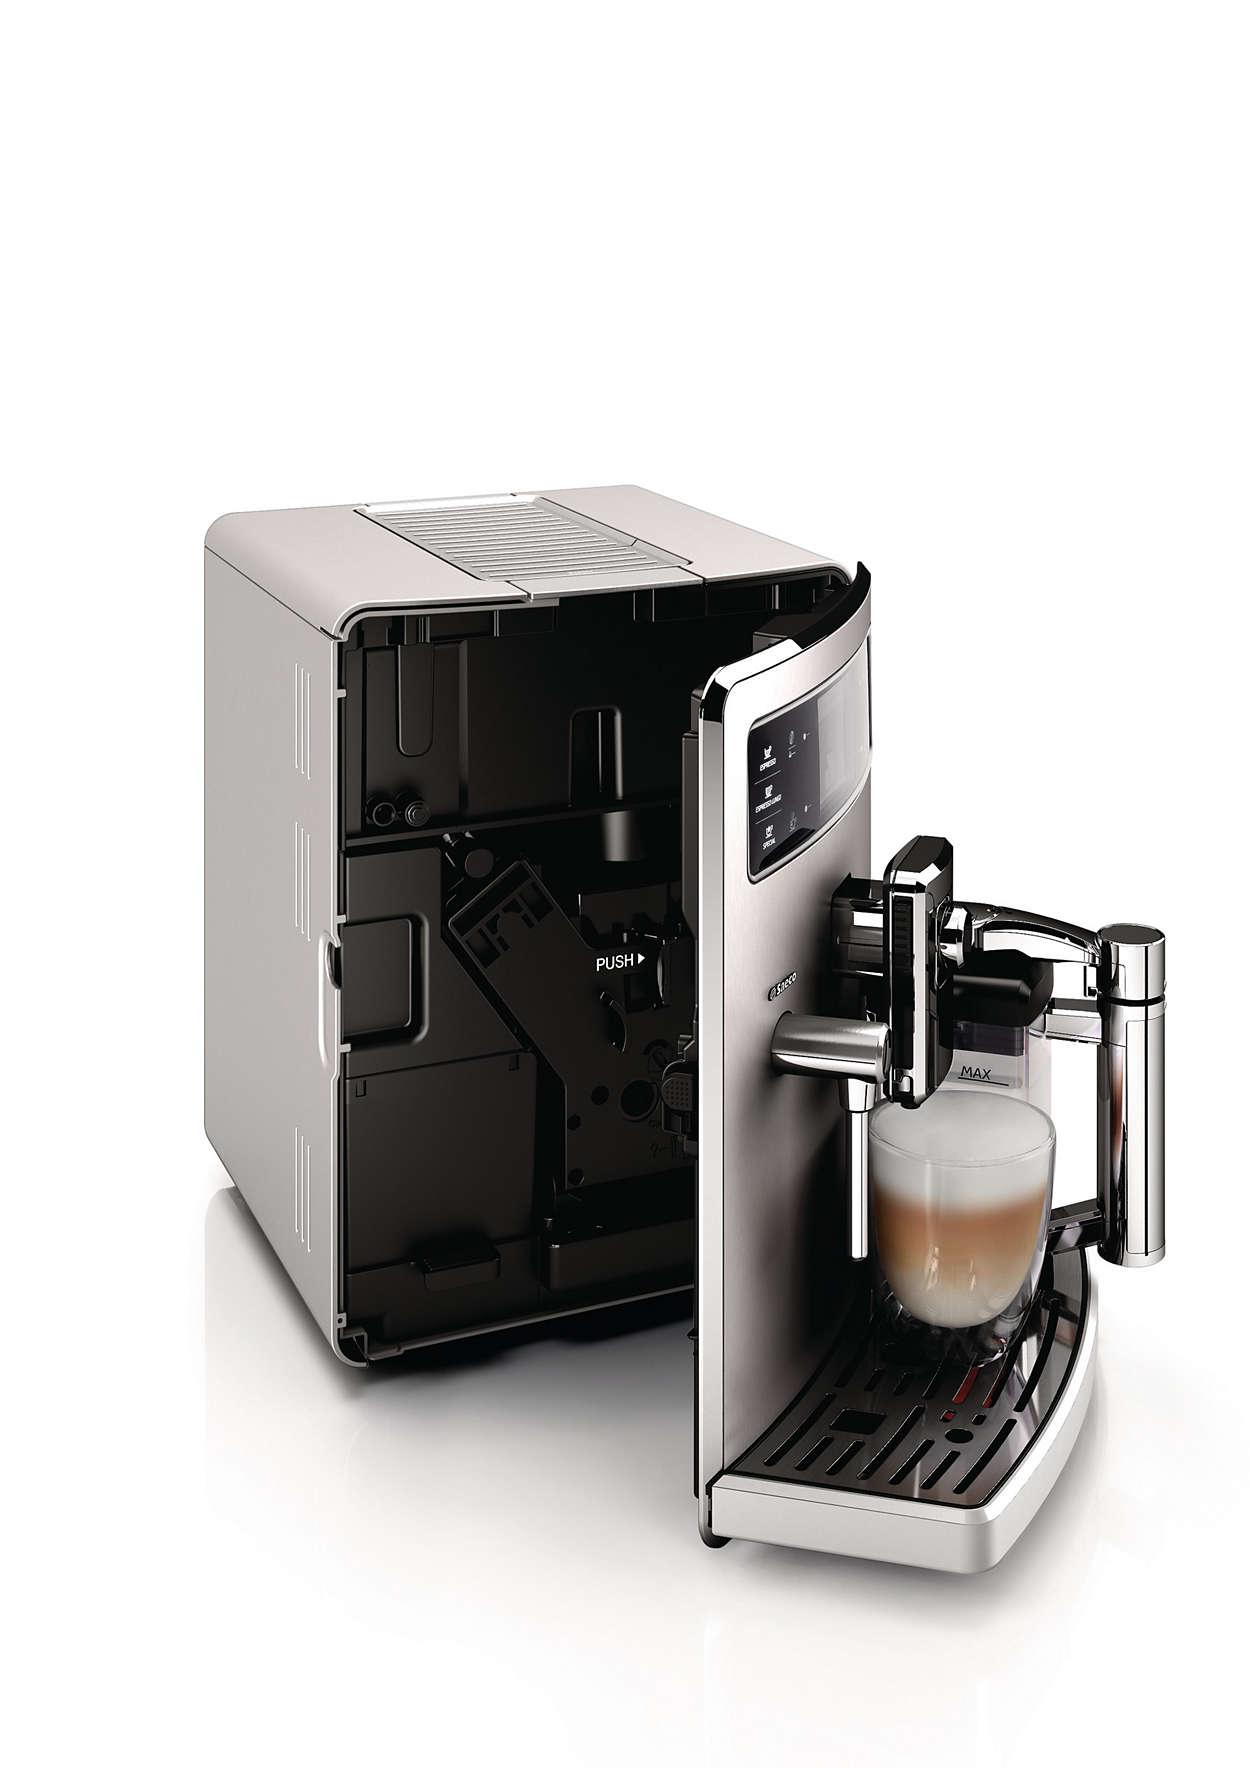 Xelsis Evo Super-automatic espresso machine HD8954/47 | Saeco